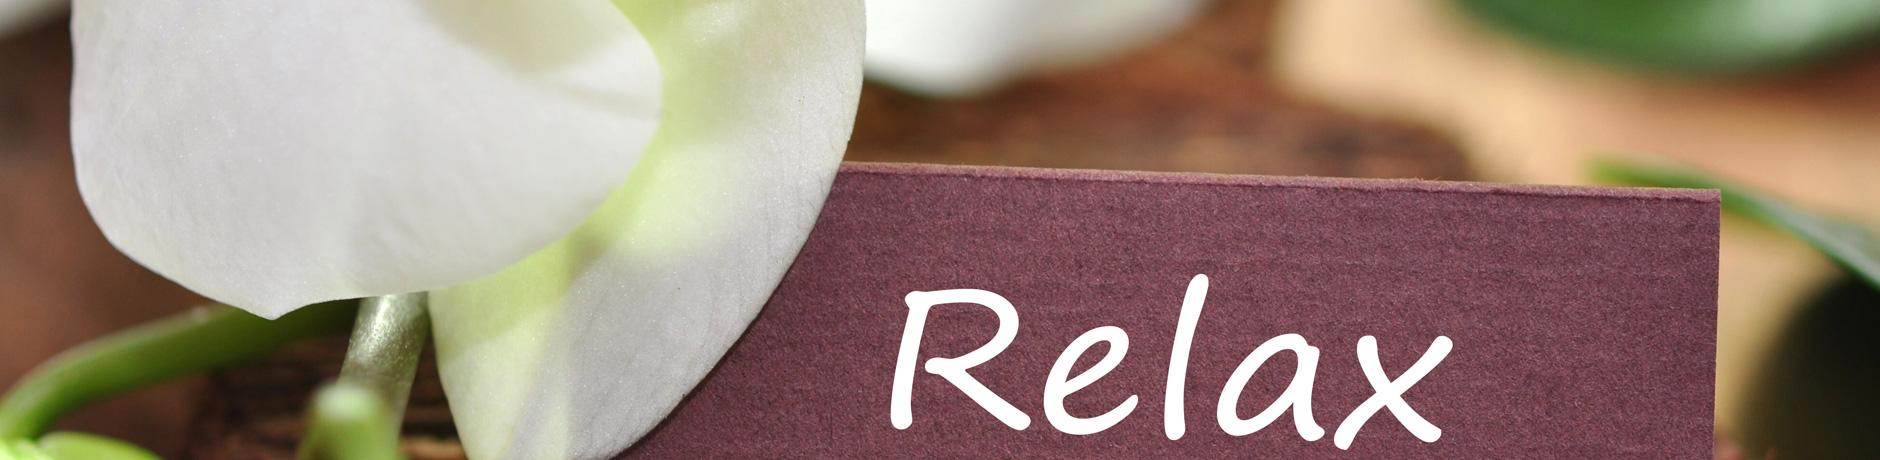 Relaxen und Entspannen Gesundheitsreise - Lotusblüte als Symbol für das Relaxen